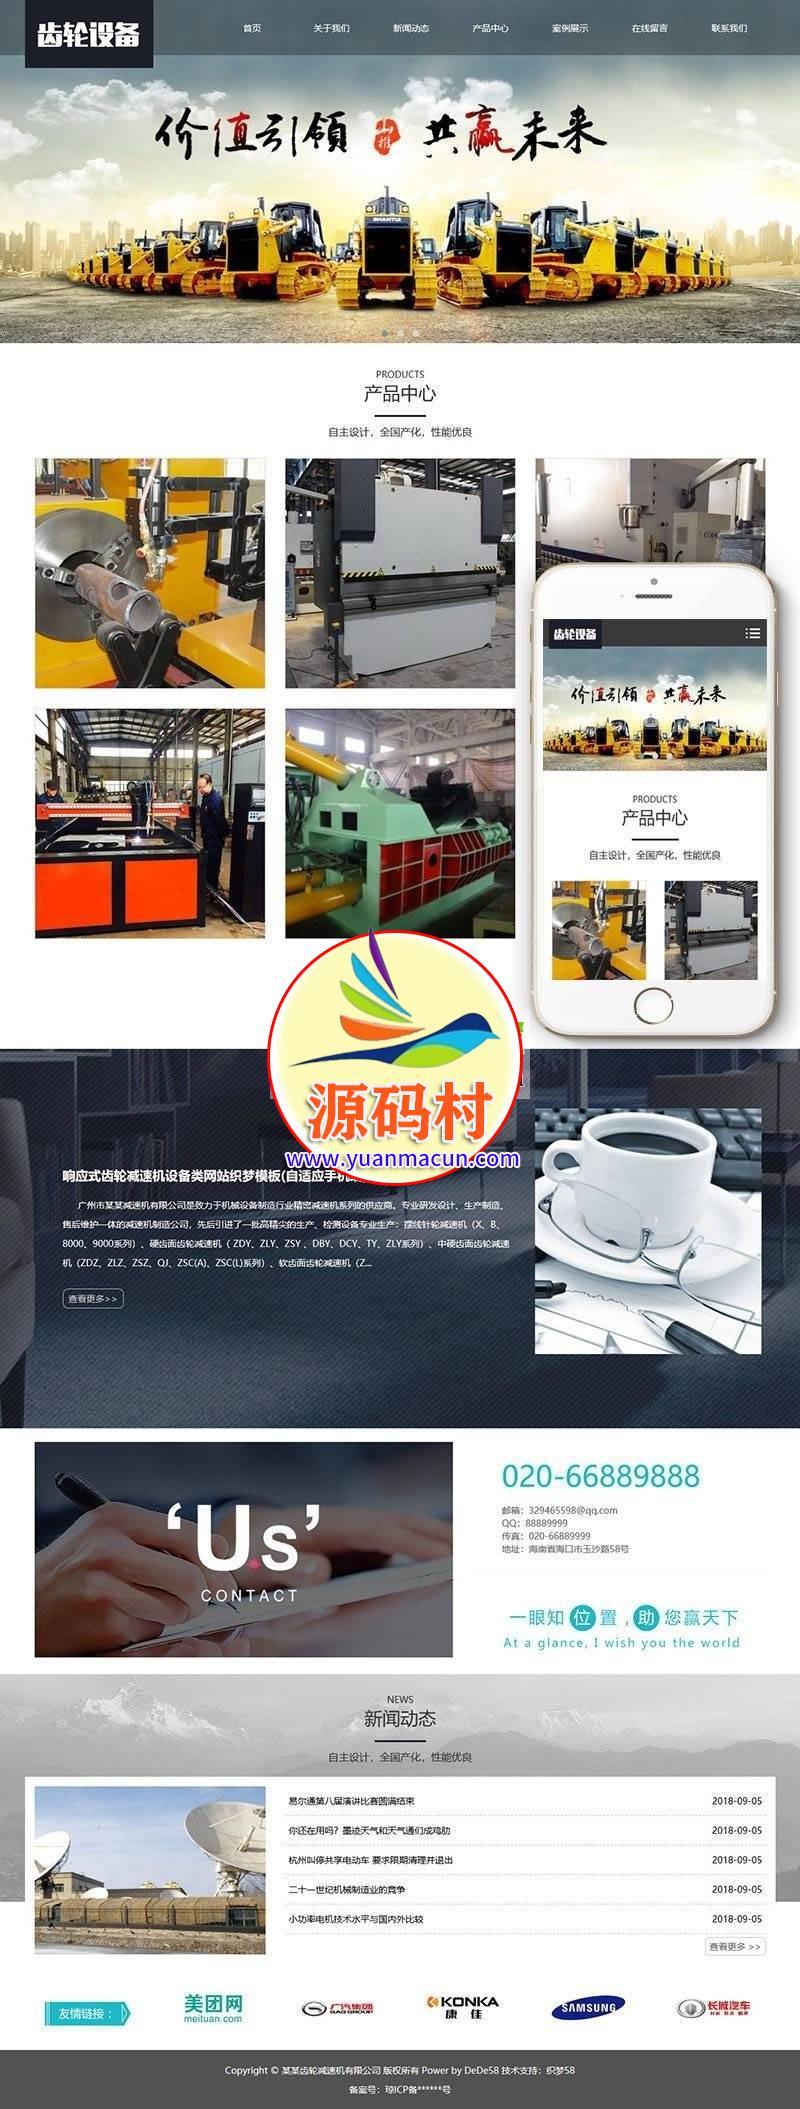 dedecms织梦 响应式齿轮减速机设备类网站源码(自适应手机端) 机械设备企业公司整站源码